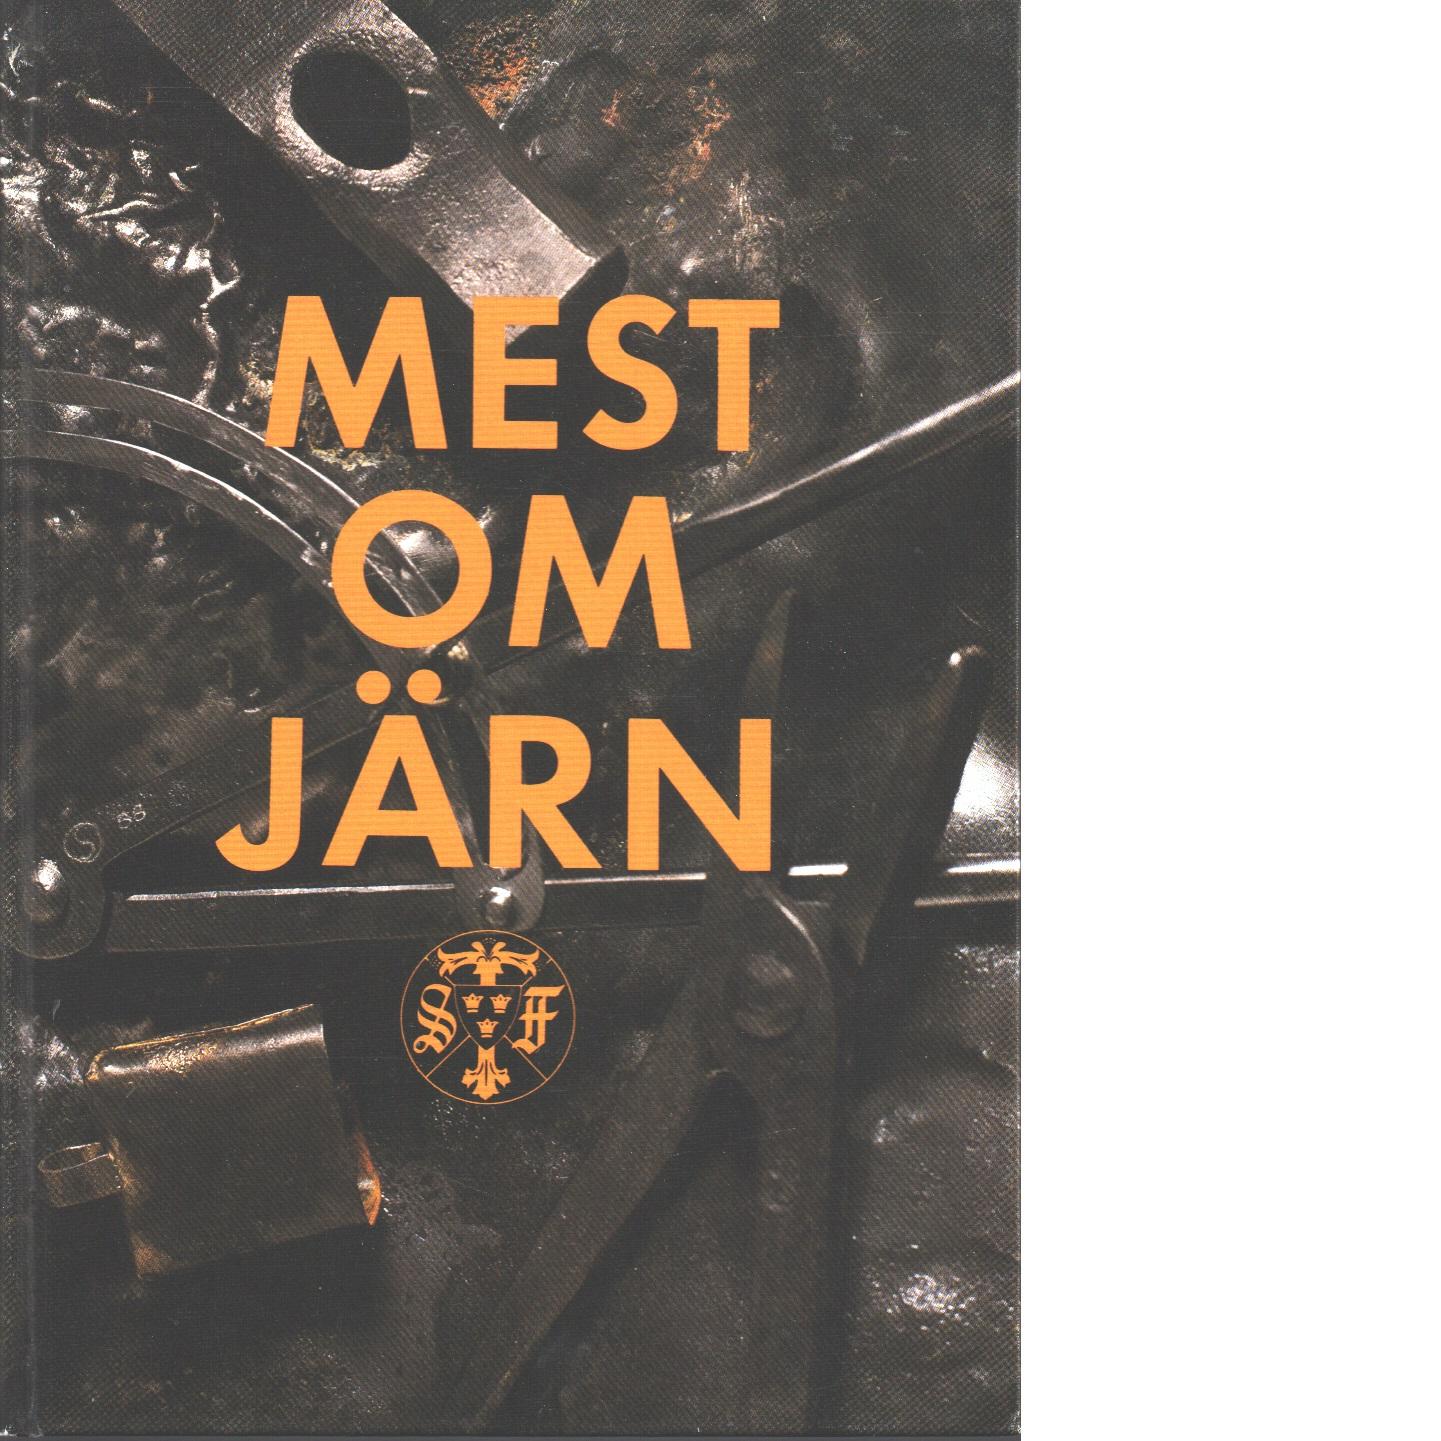 Mest om järn stf:s årsbok 1989 - Red.